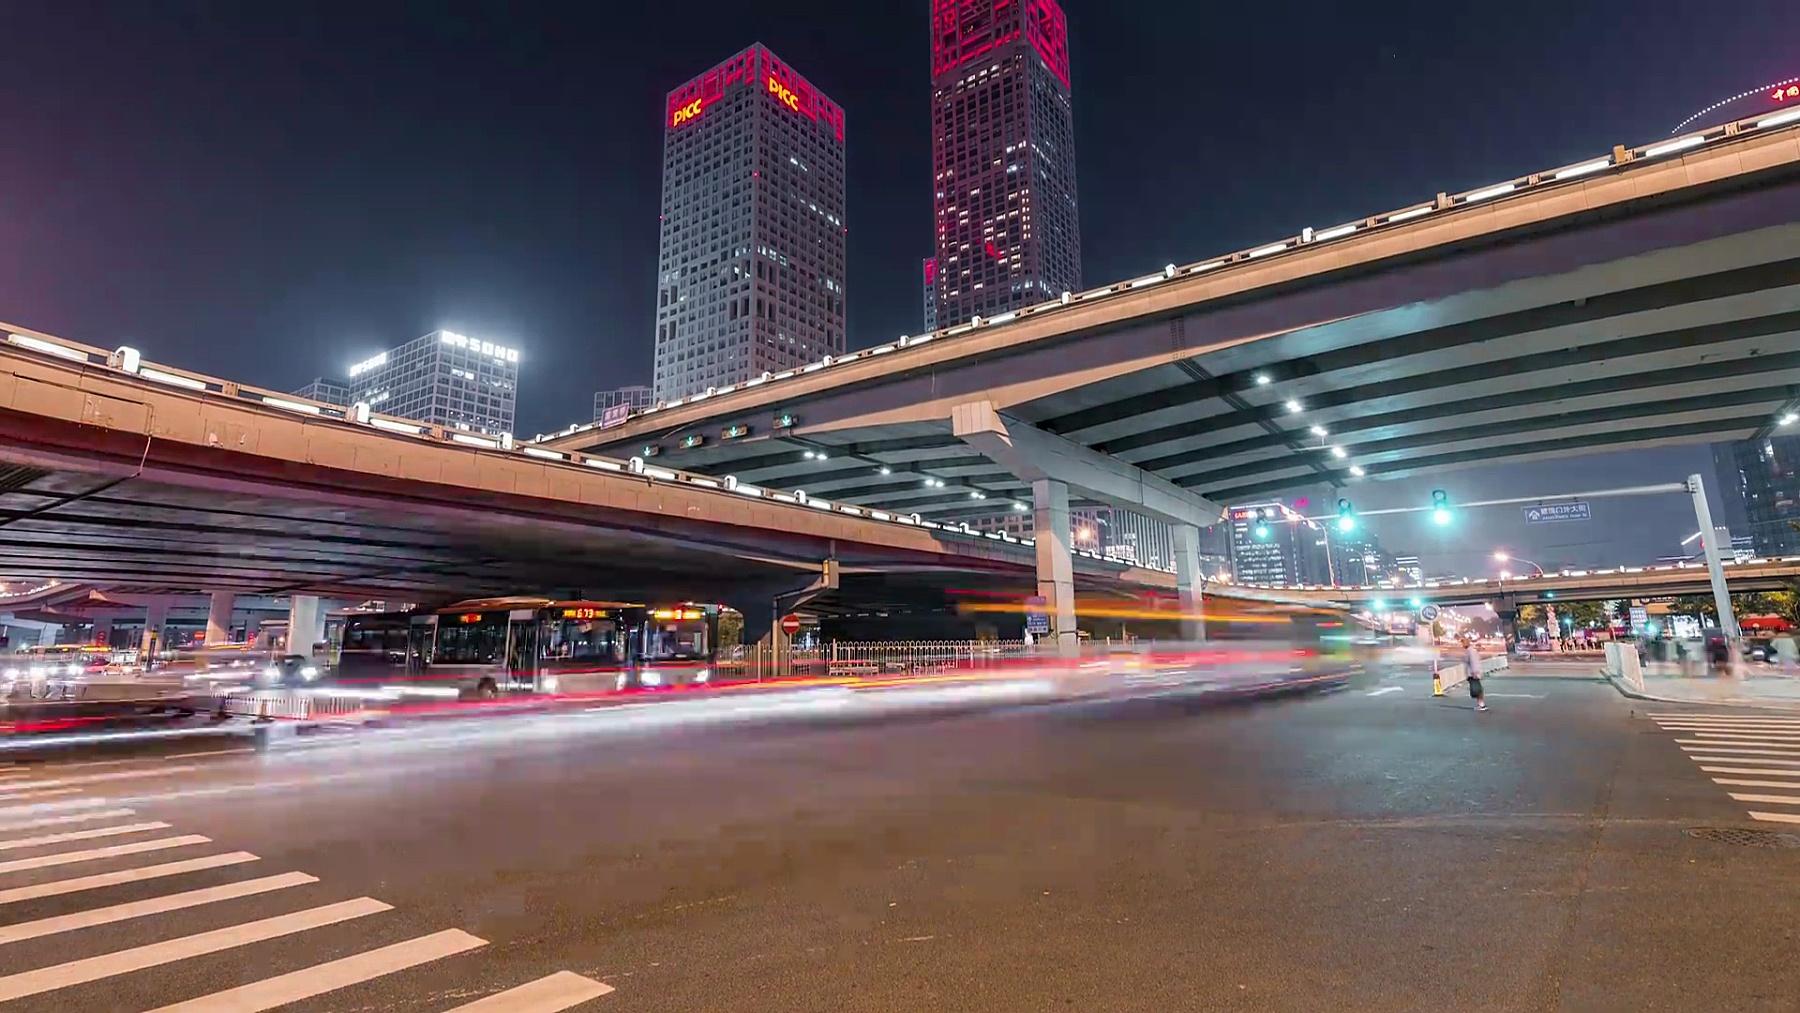 T/L WS LA夜间北京CBD区域全景